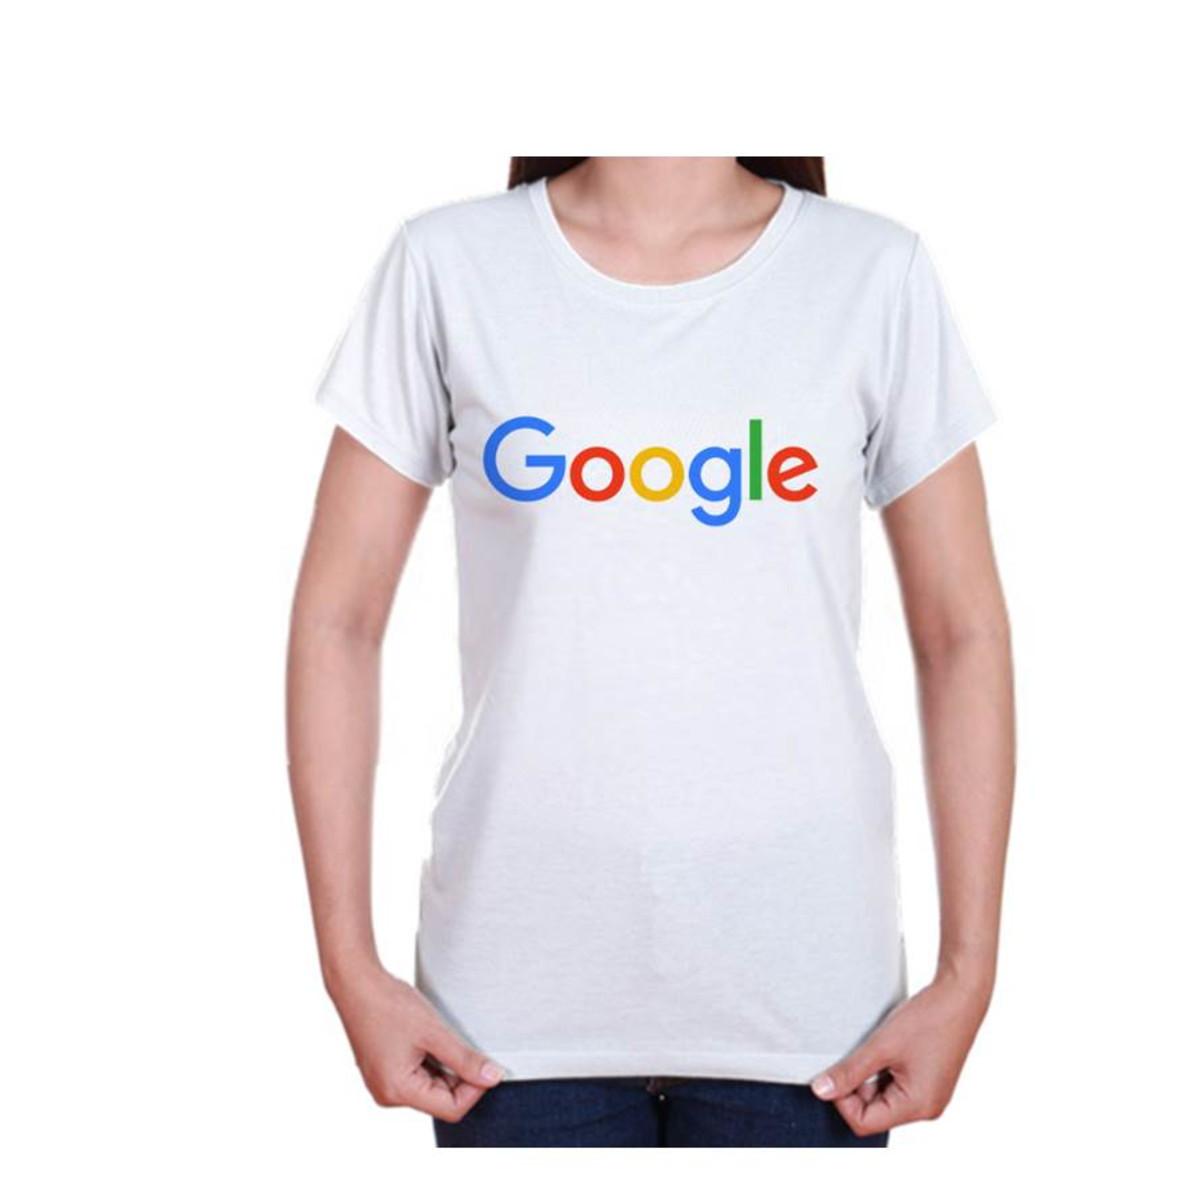 Camiseta Google - Adulto e Infantil no Elo7  538ea6f5715